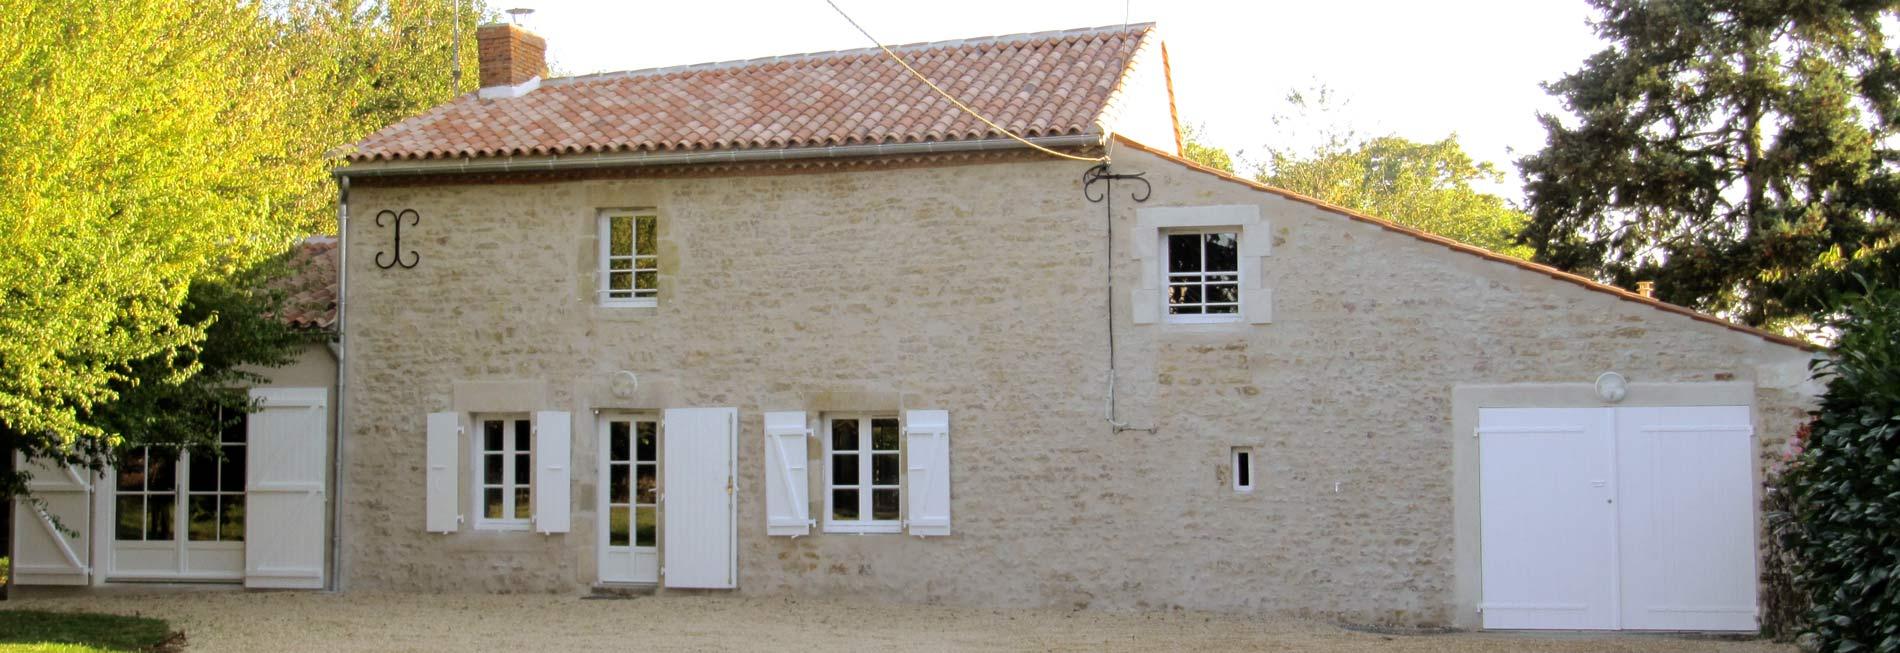 Restauration d'une maison ancienne en Vendée